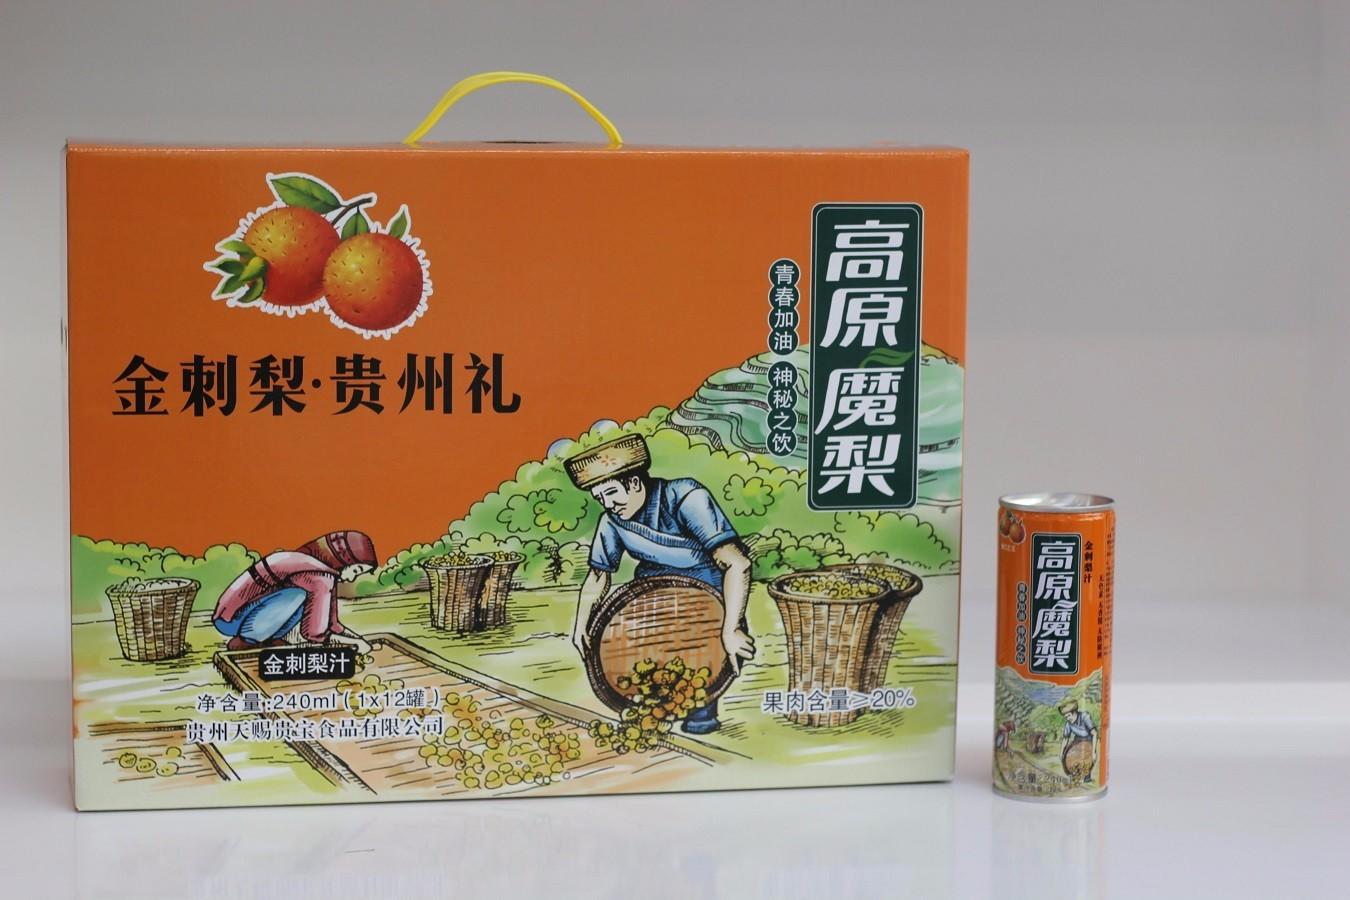 供应贵州特产高原魔梨金刺梨天然维生素饮料20%金刺梨汁